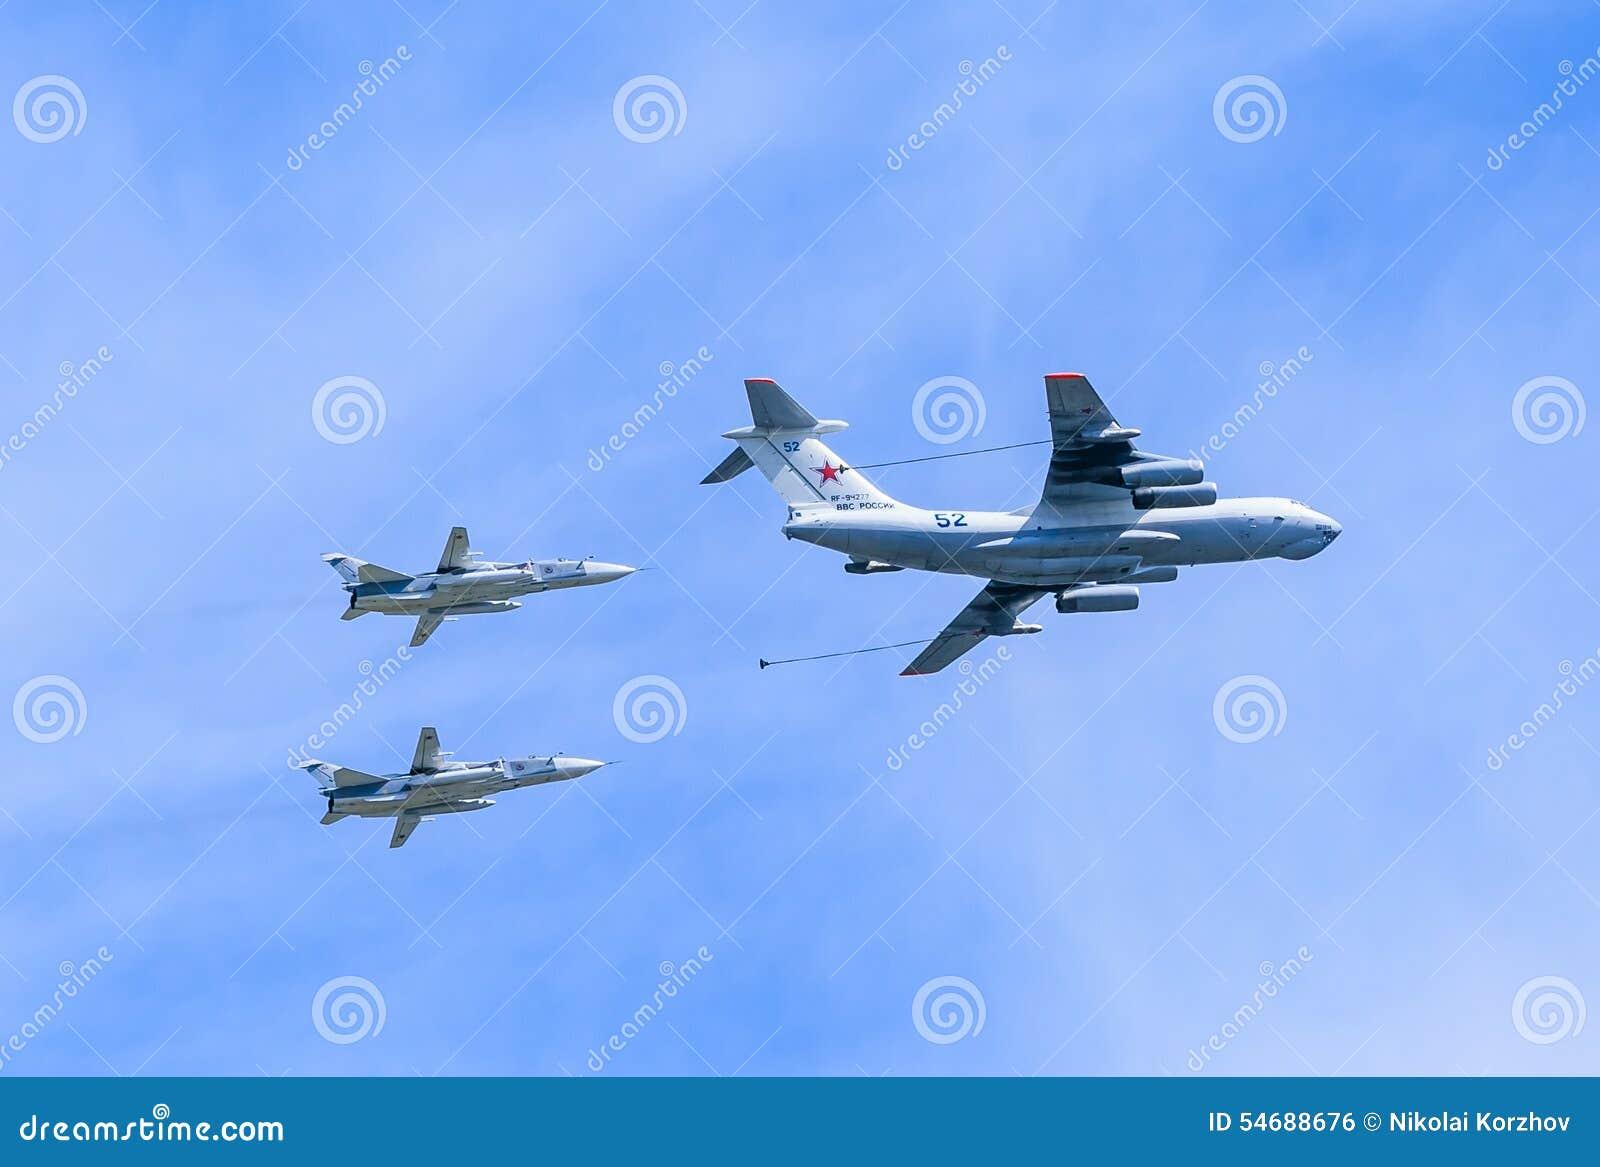 批.9.*���y�+:��.�9il�/&_il78 (麦得斯)空中加油机和2 su24 (击剑者) 编辑类照片